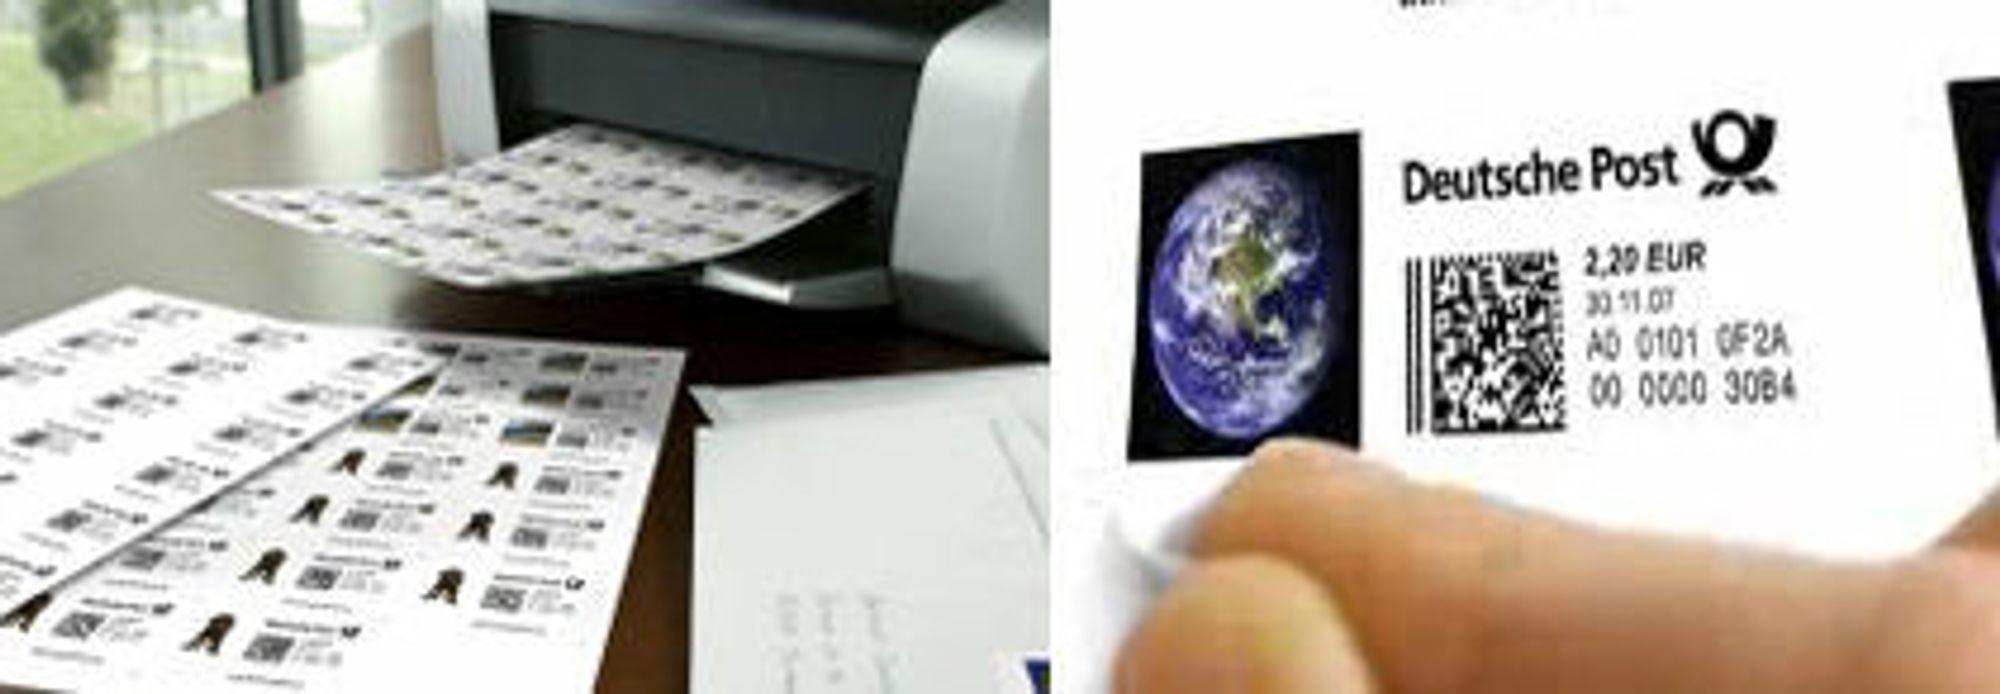 Skriv ut og klistre på frimerket.